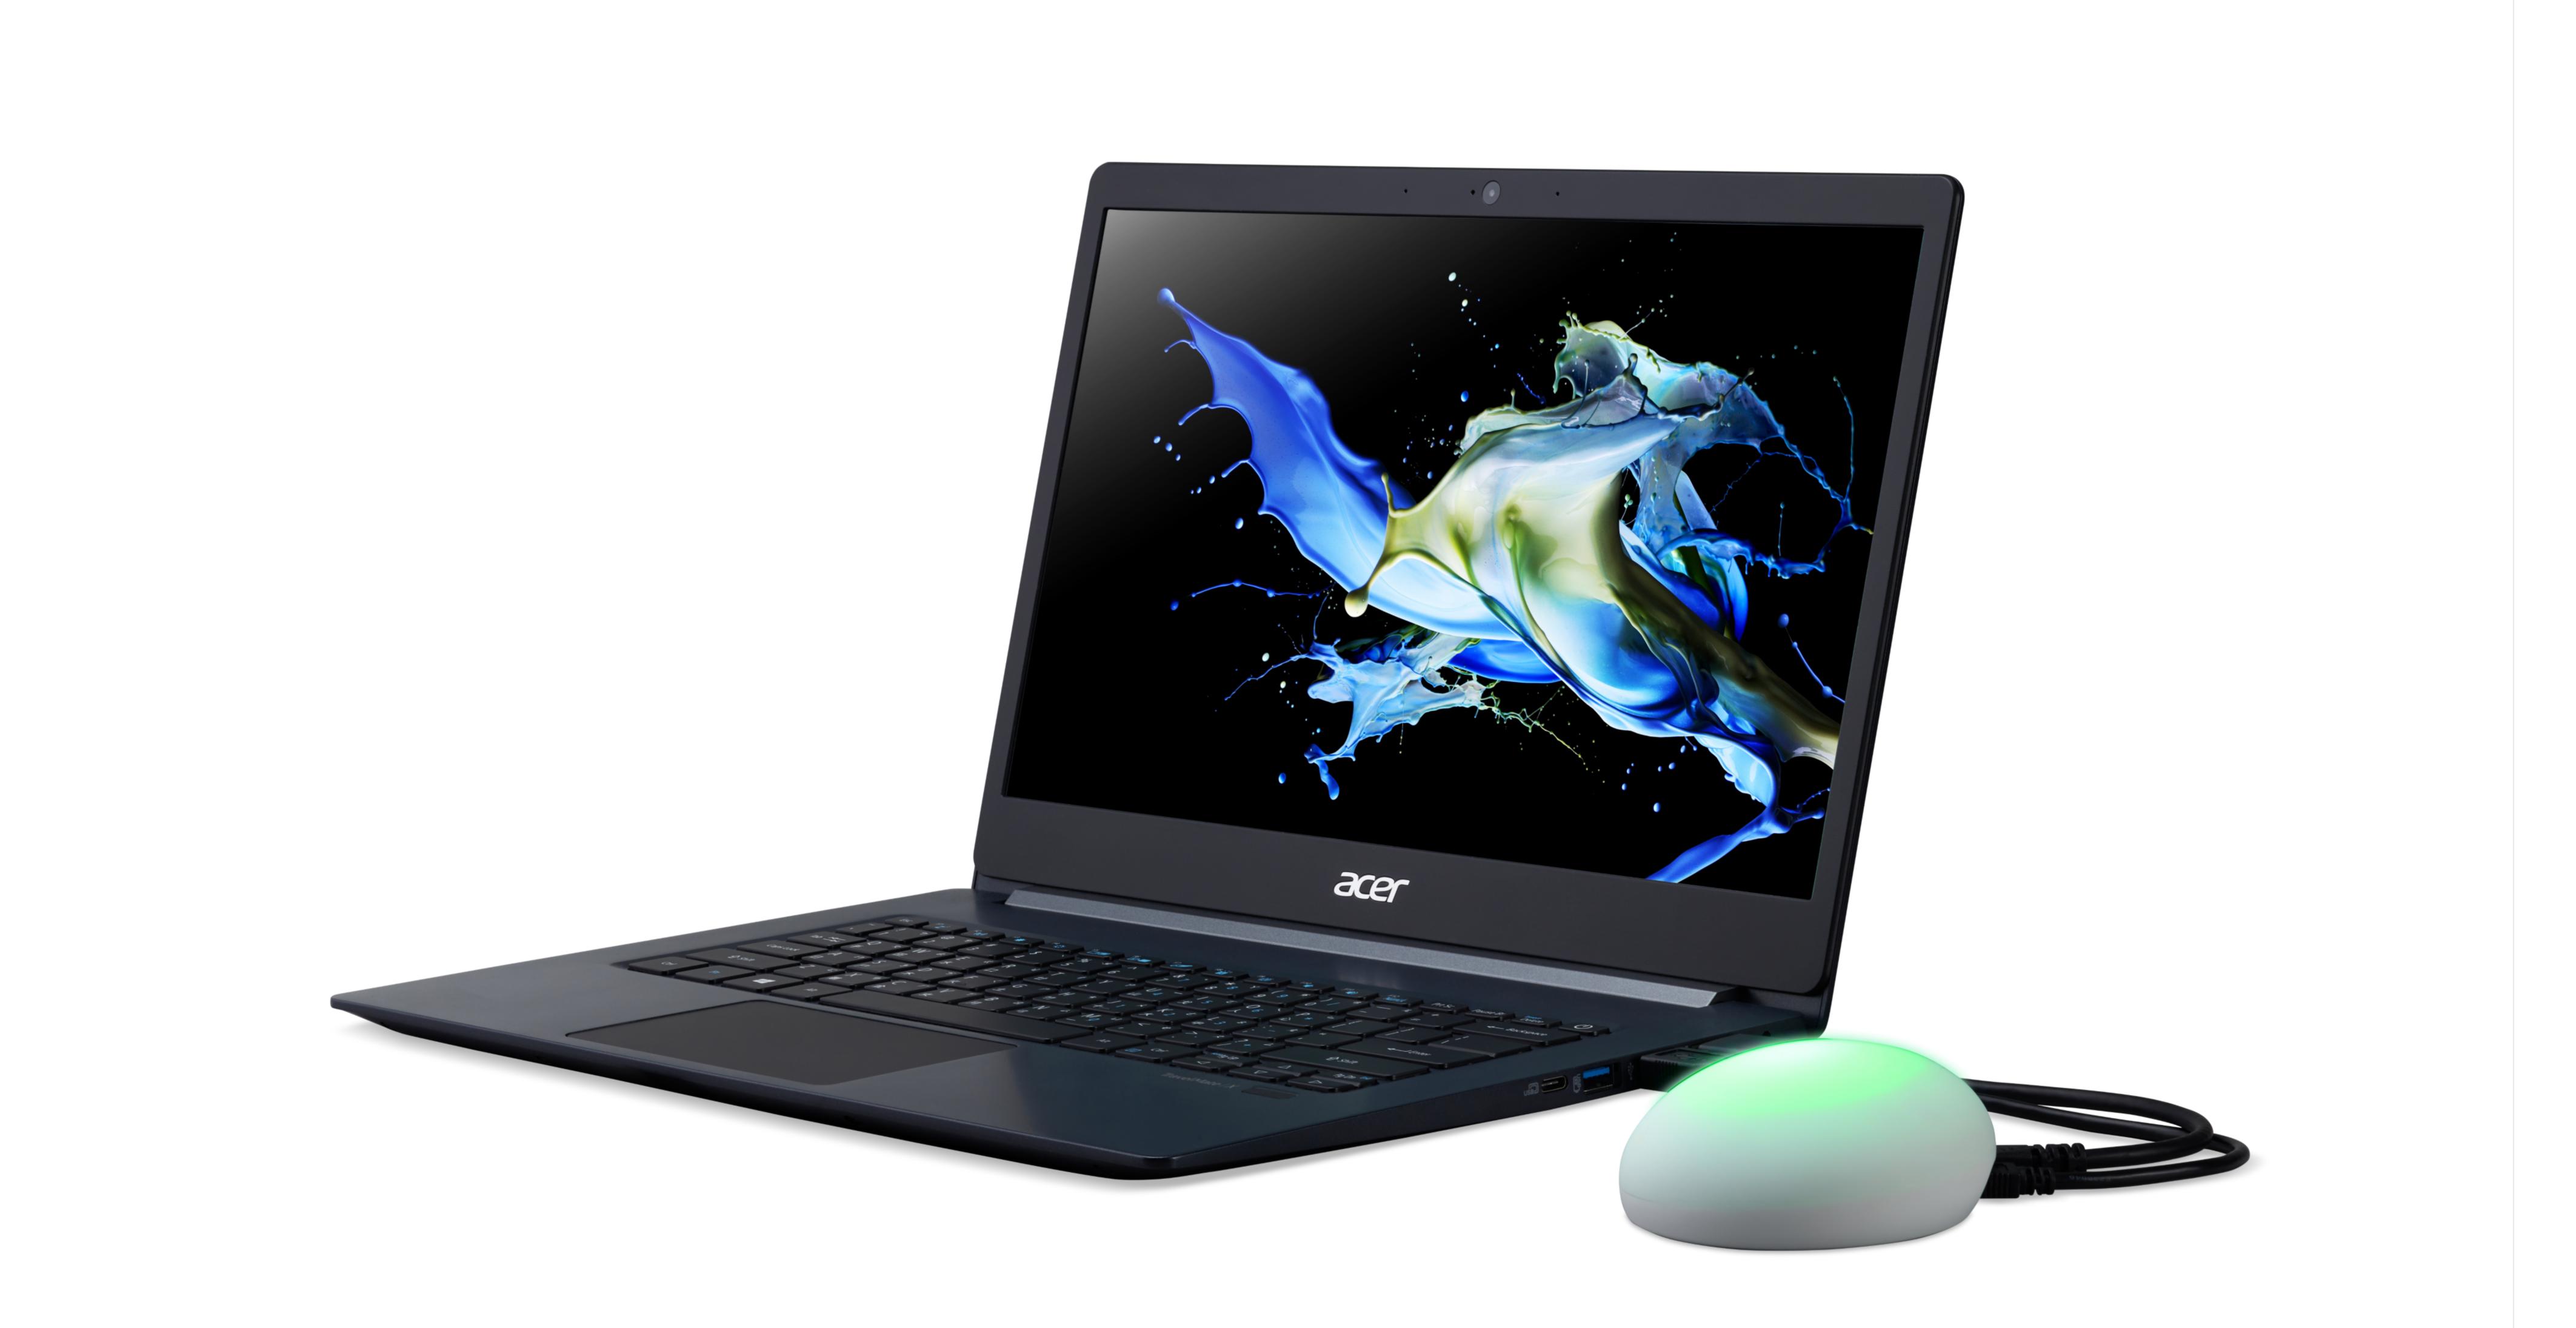 Acer CastMaster-ek konponbide minimalista izan dezake aurkezpen arazo tradizional askotan